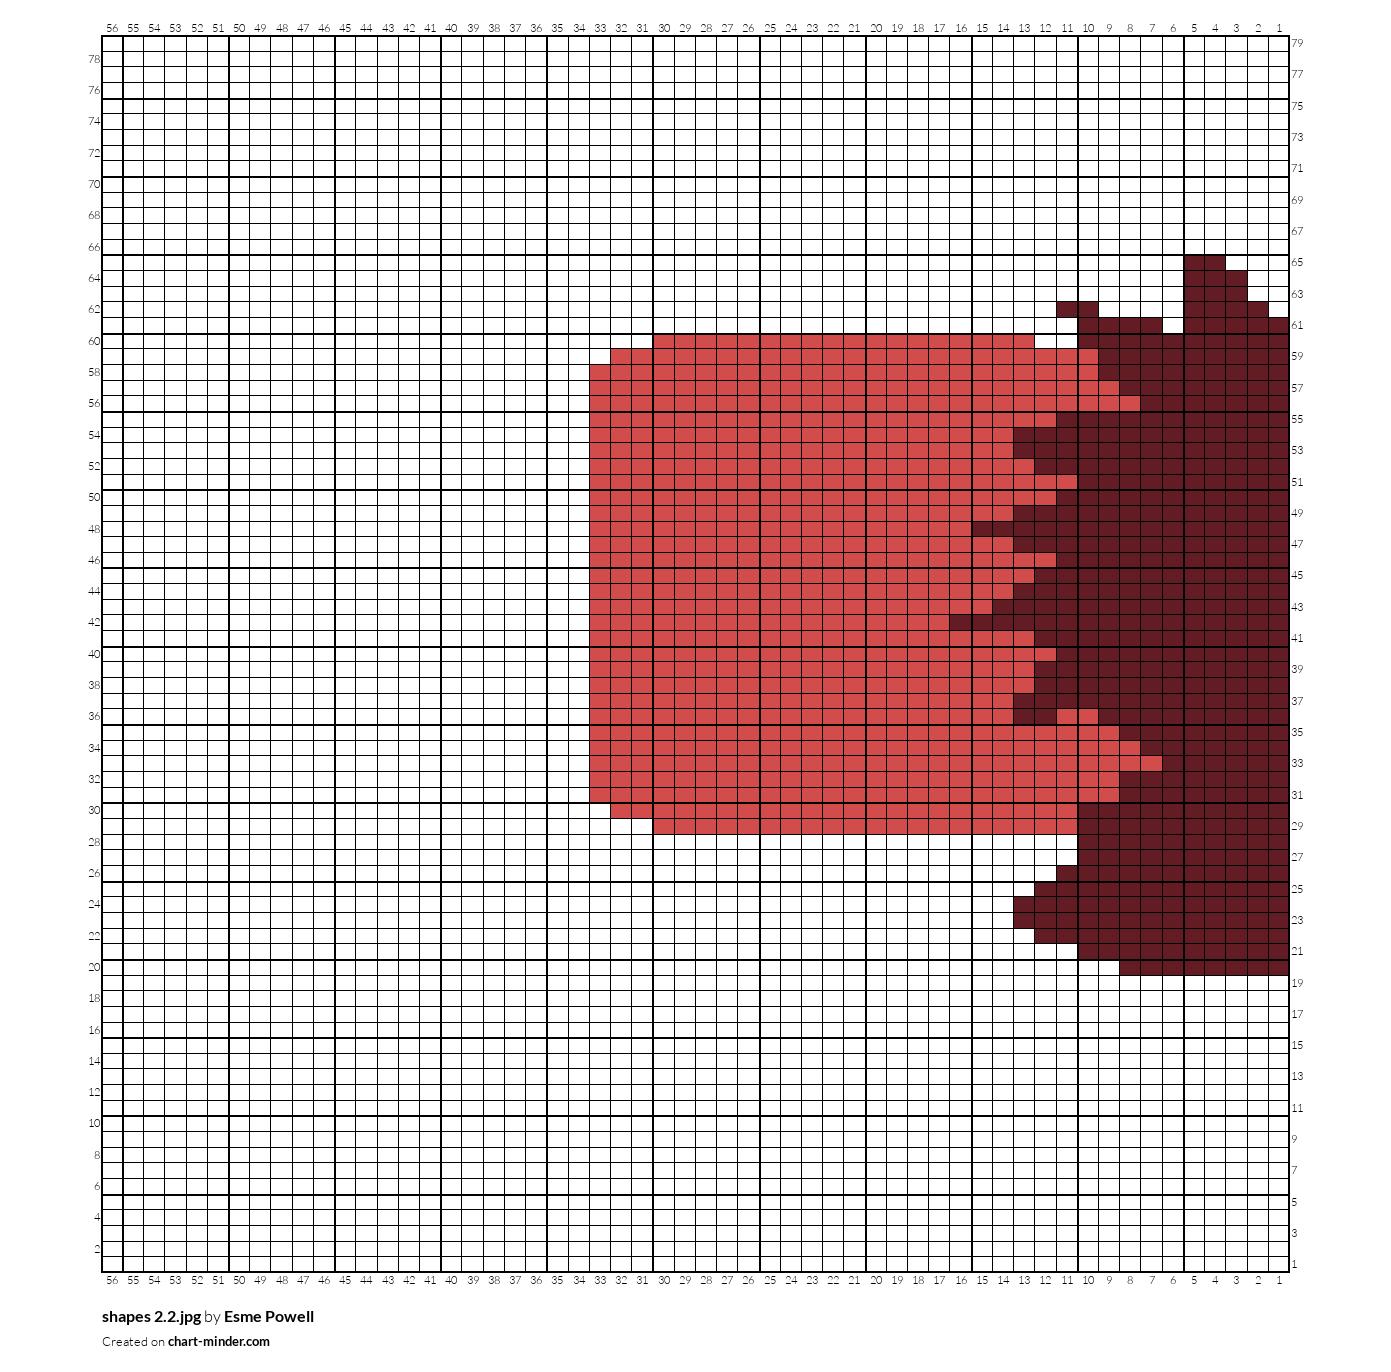 shapes 2.2.jpg